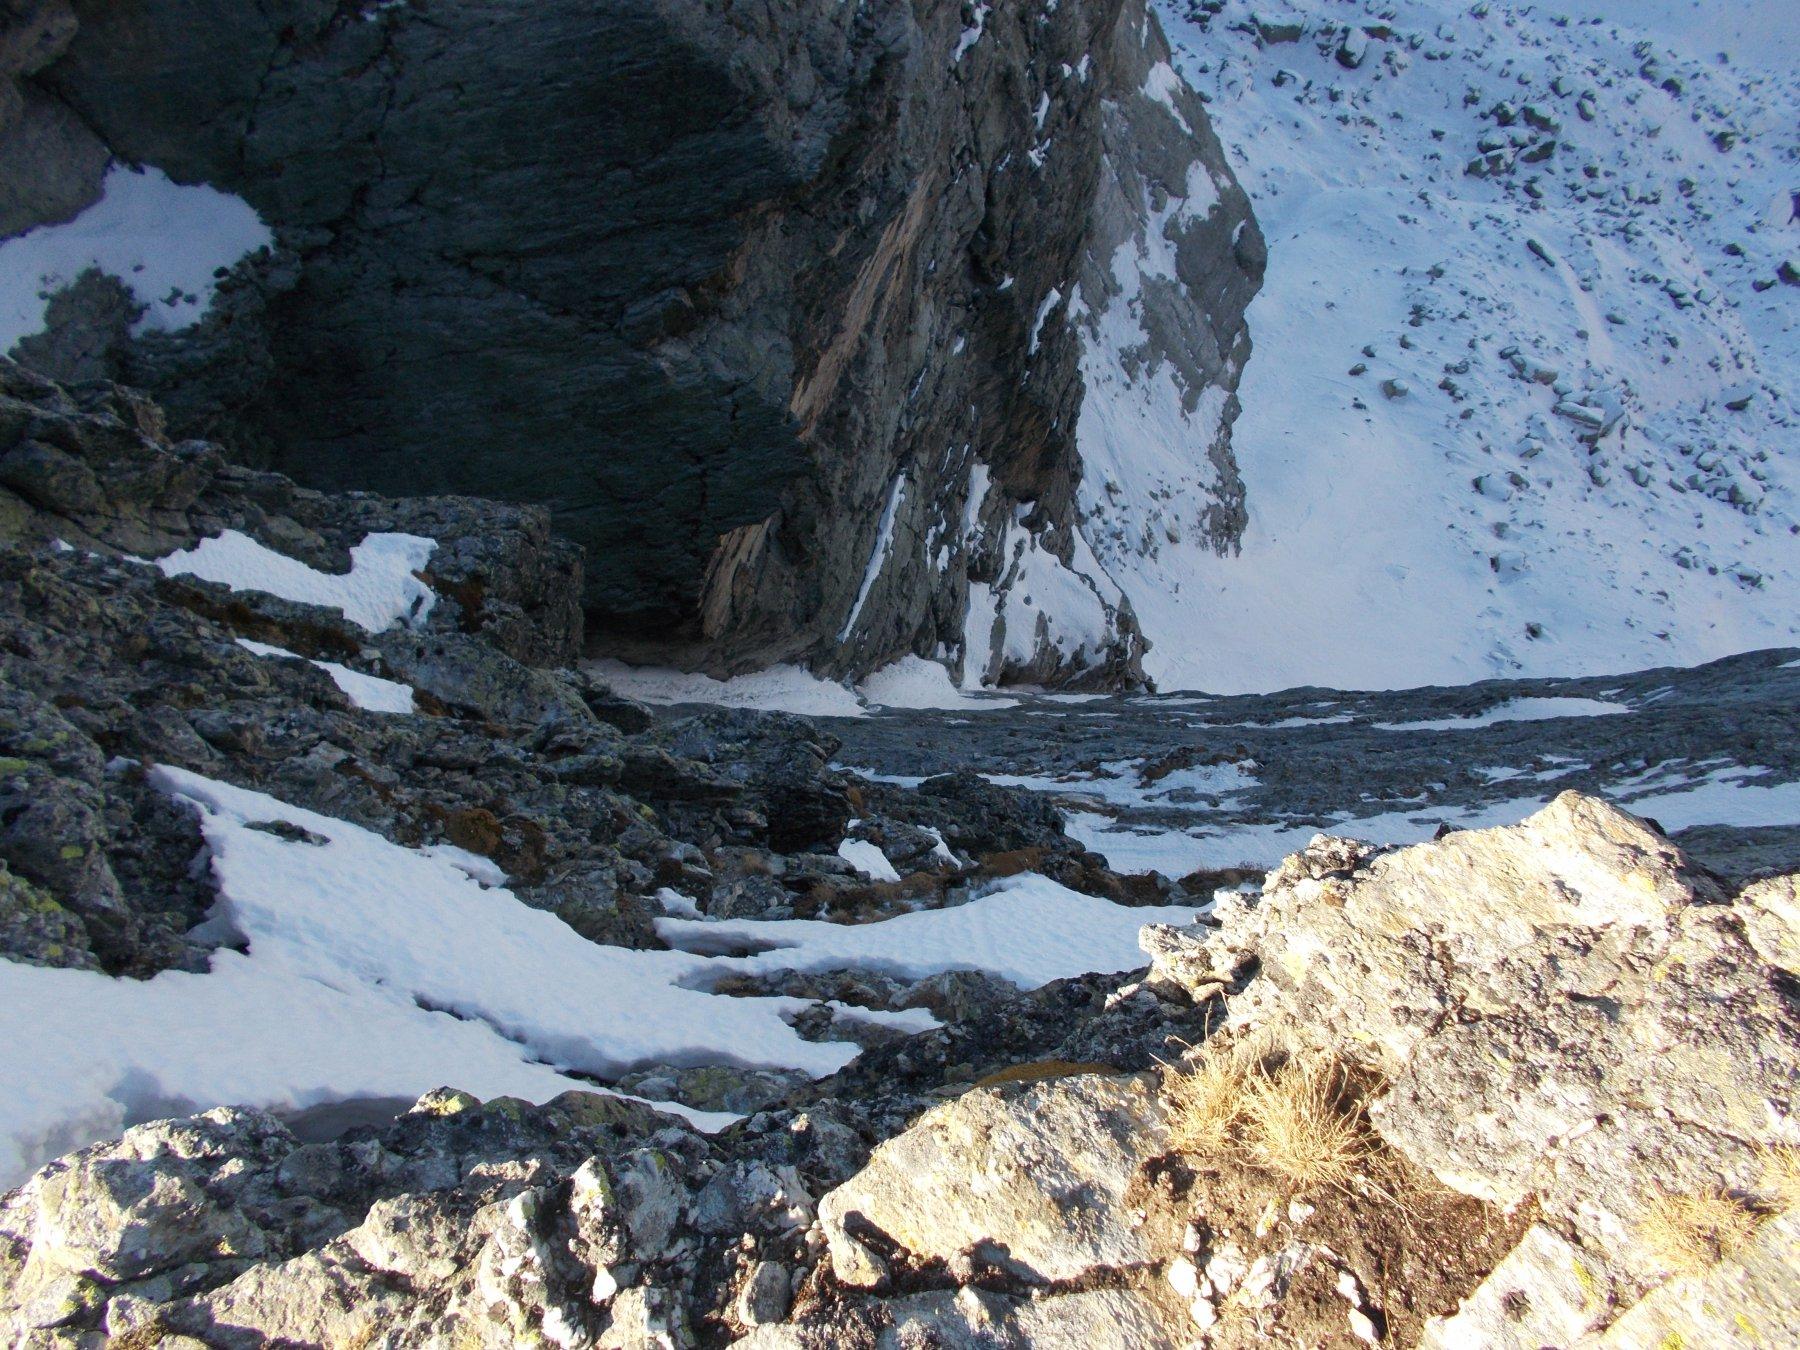 affacciati dalla cresta alla Camosciera..si constata lo stato di magrezza in cui versa il canale..